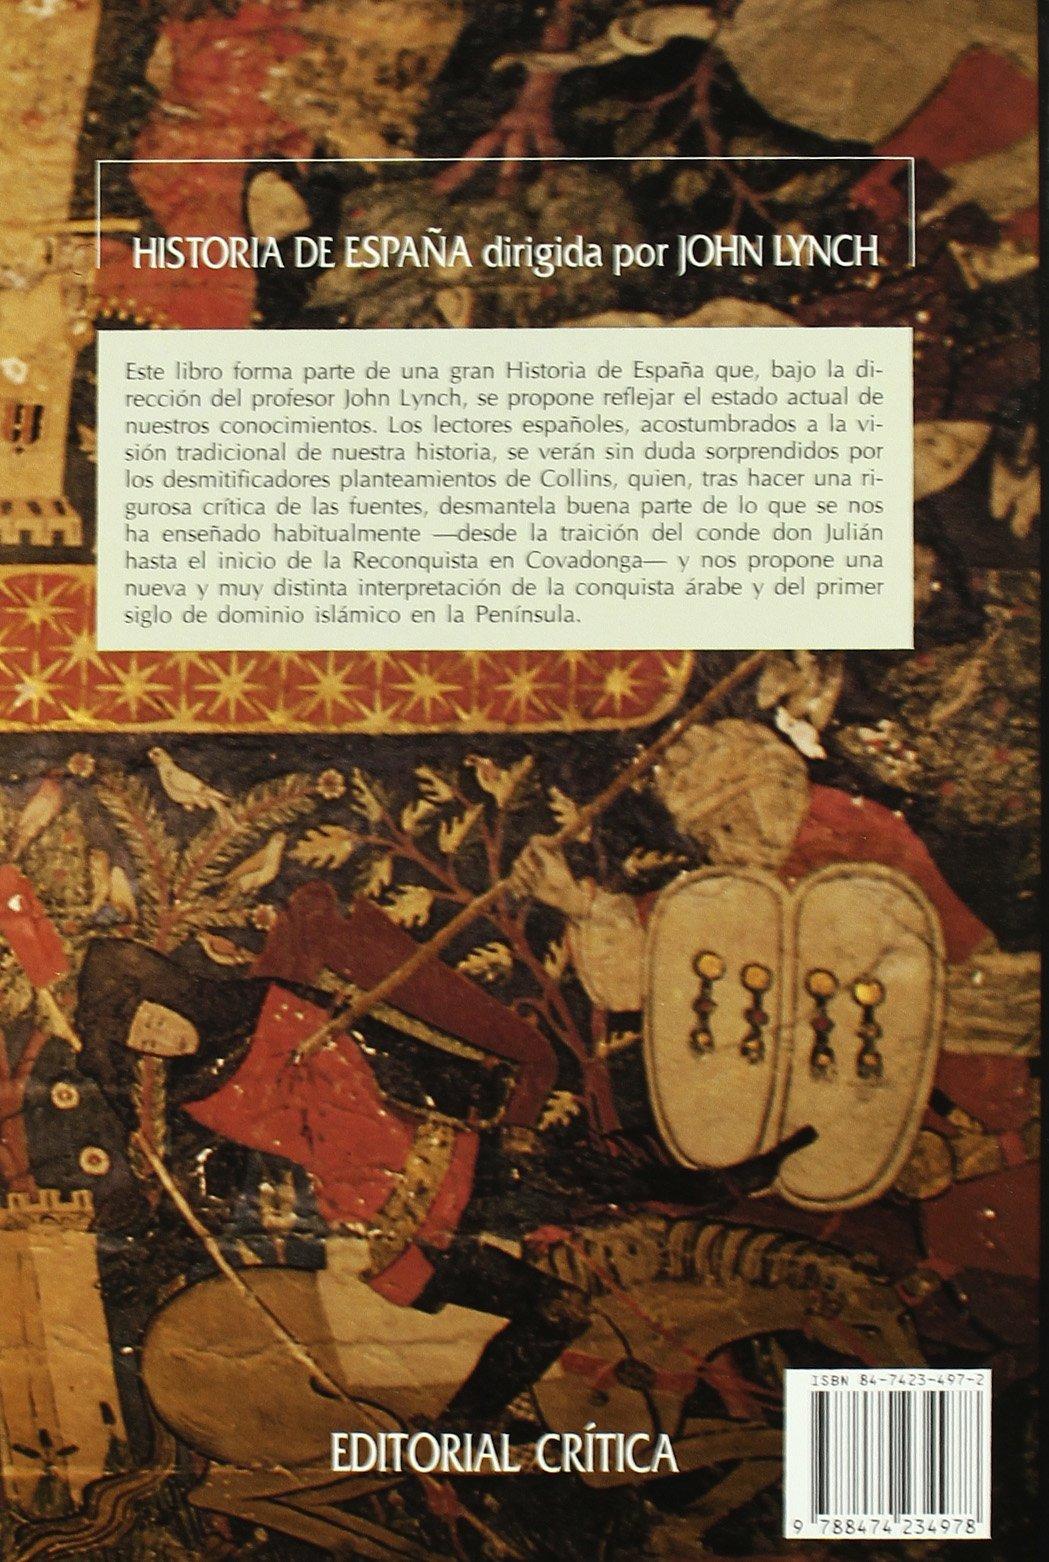 La conquista árabe, 710-797 (Serie Mayor): Amazon.es: Collins, Roger: Libros